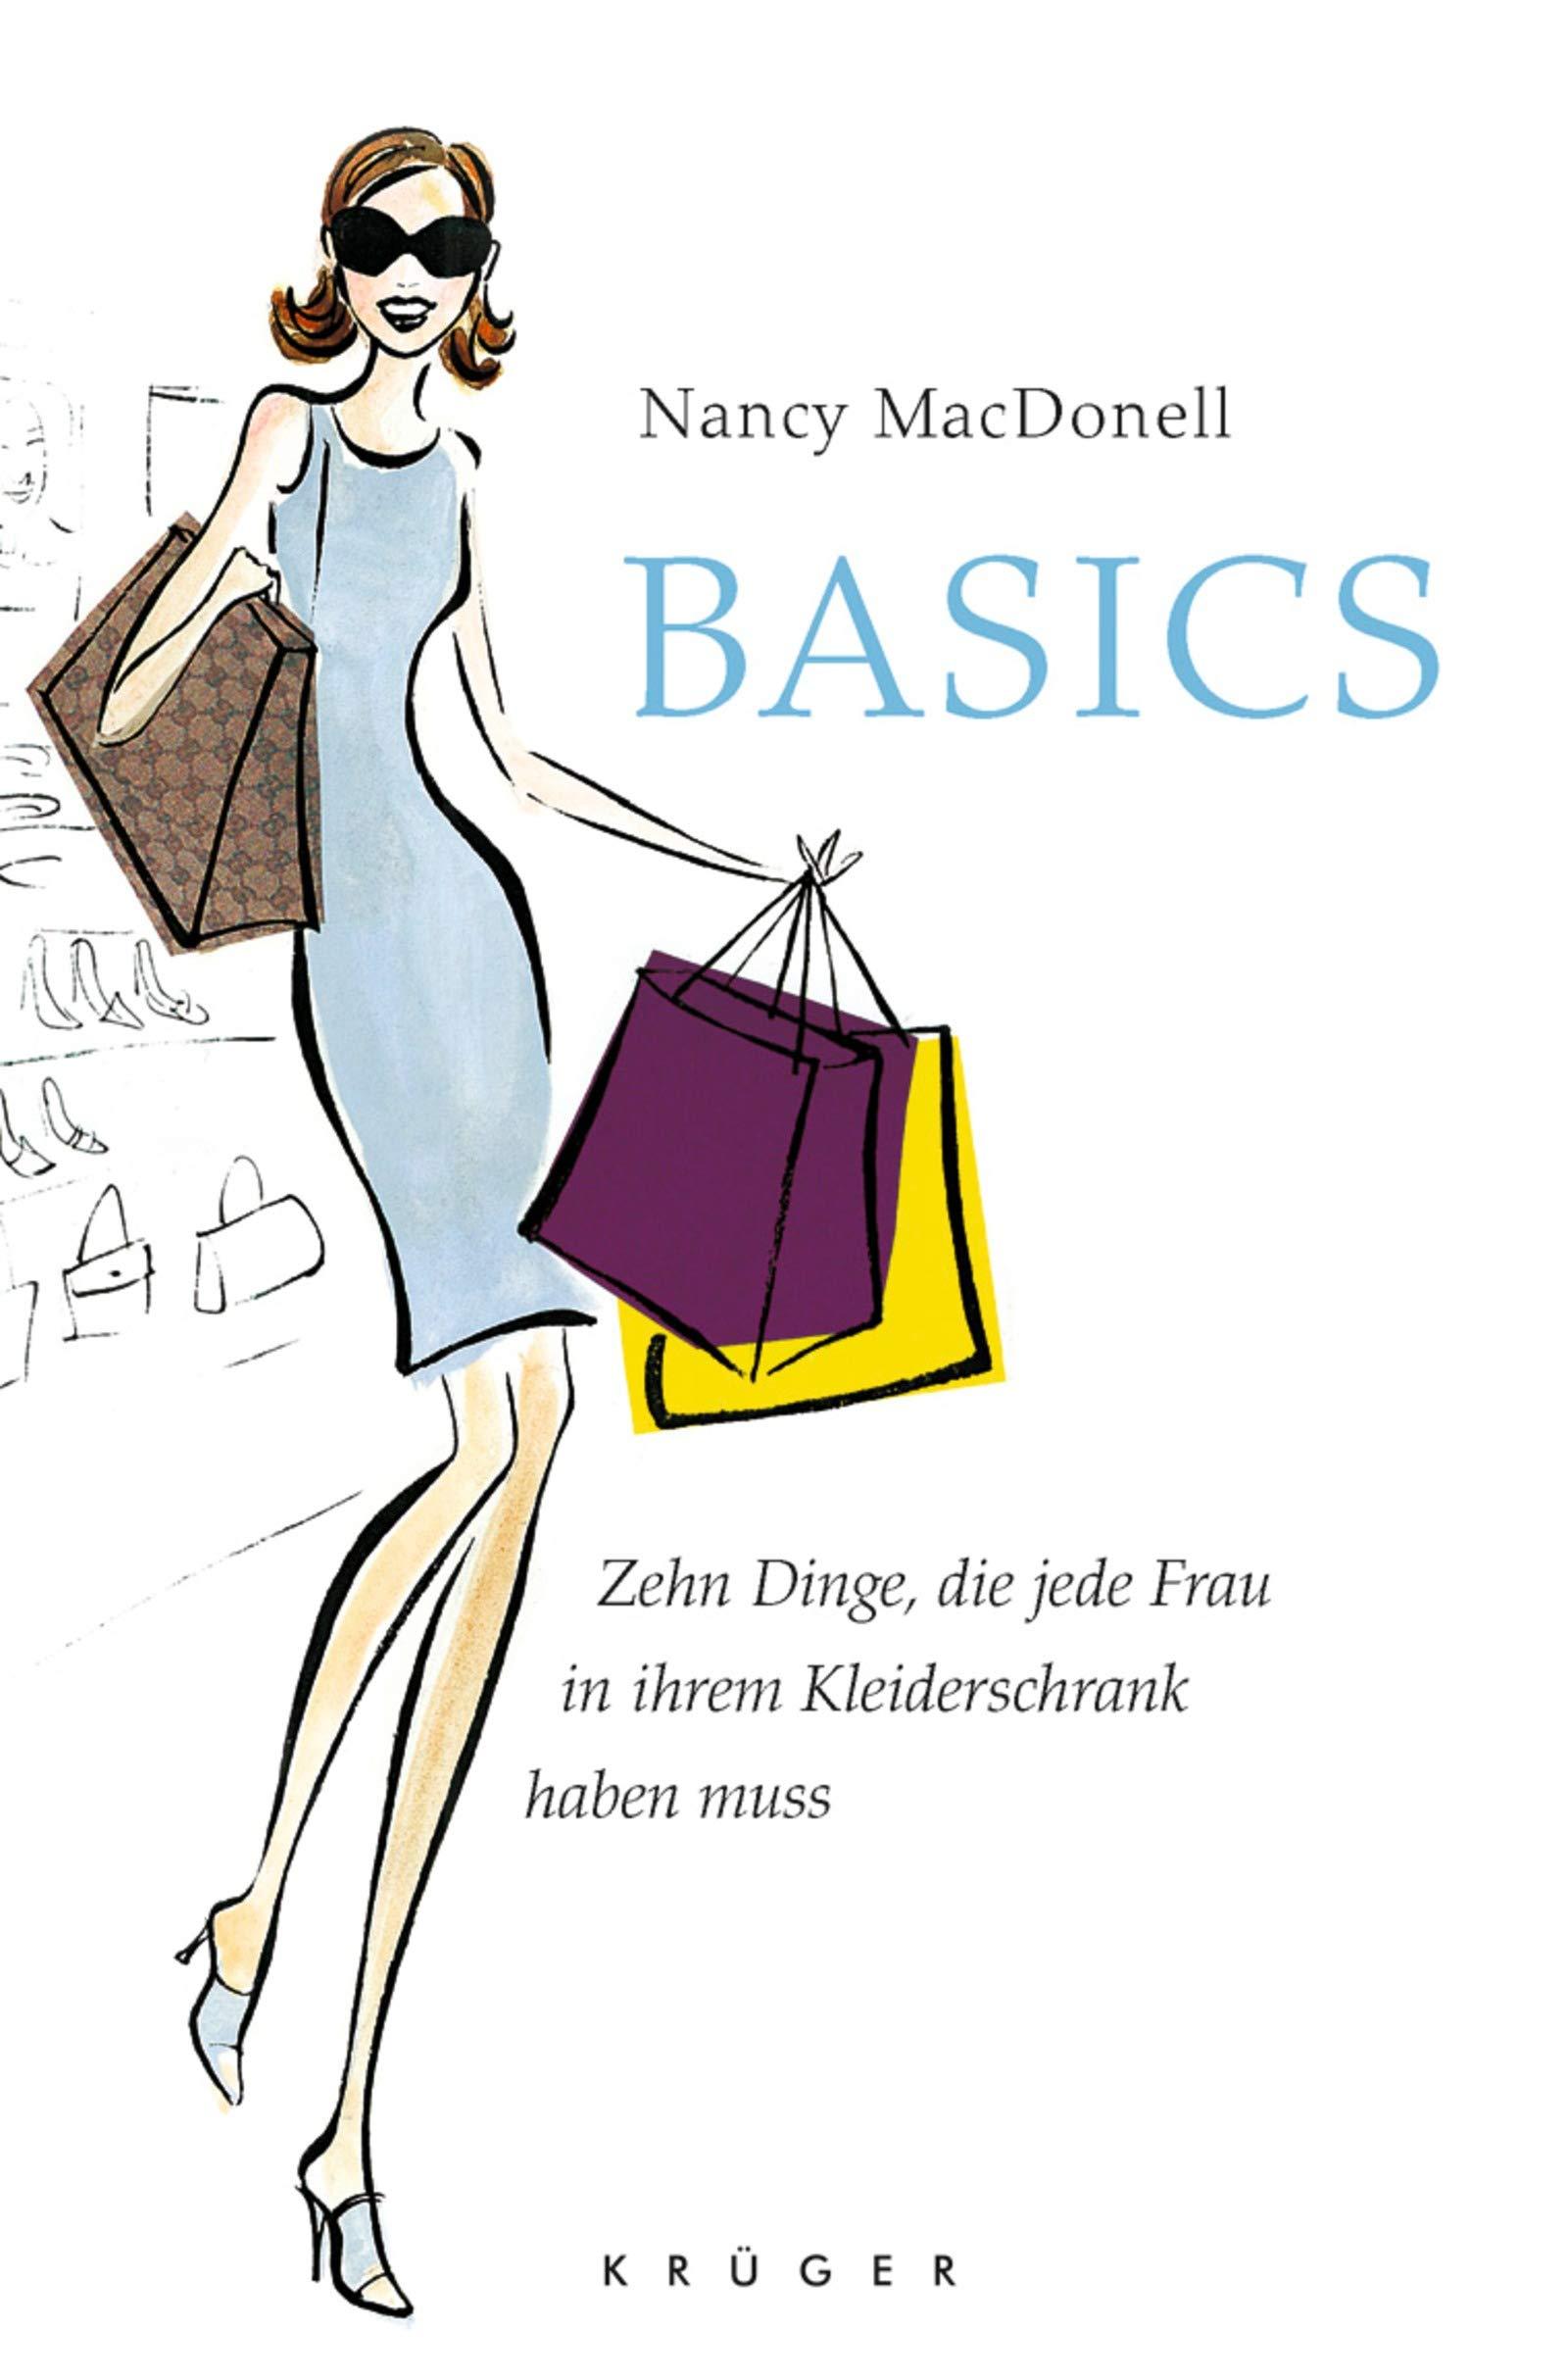 Basics Zehn Dinge Die Jede Frau In Ihrem Kleiderschrank Haben Muss